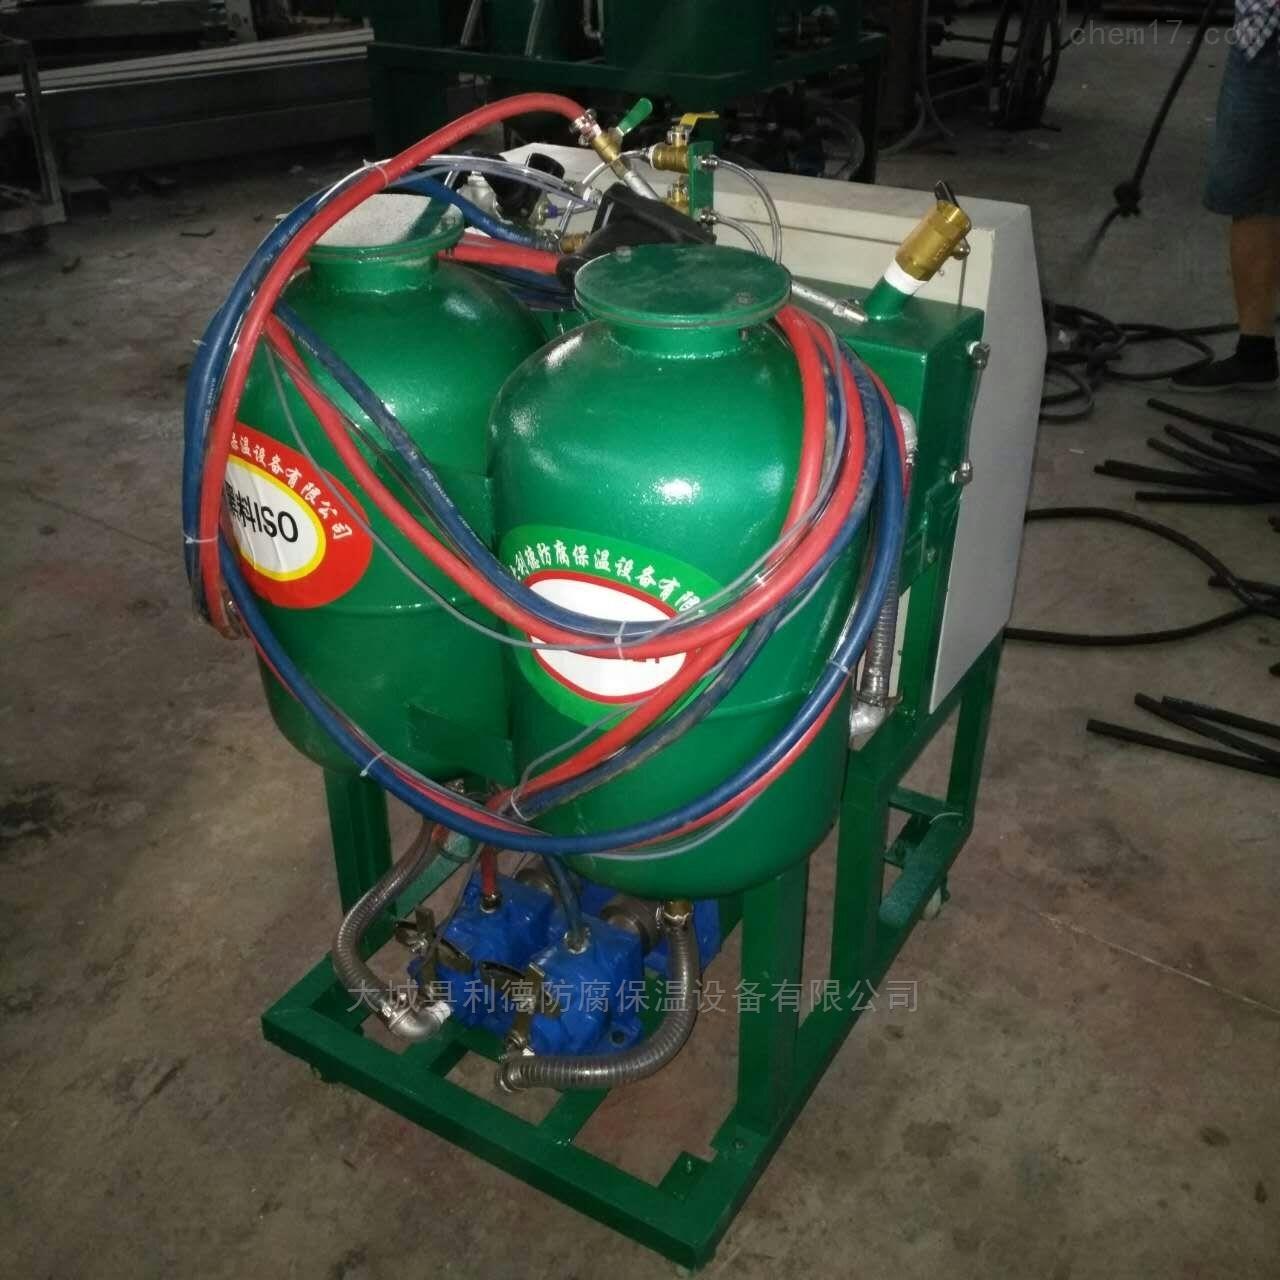 廊坊聚氨酯喷涂机/低压系列专用